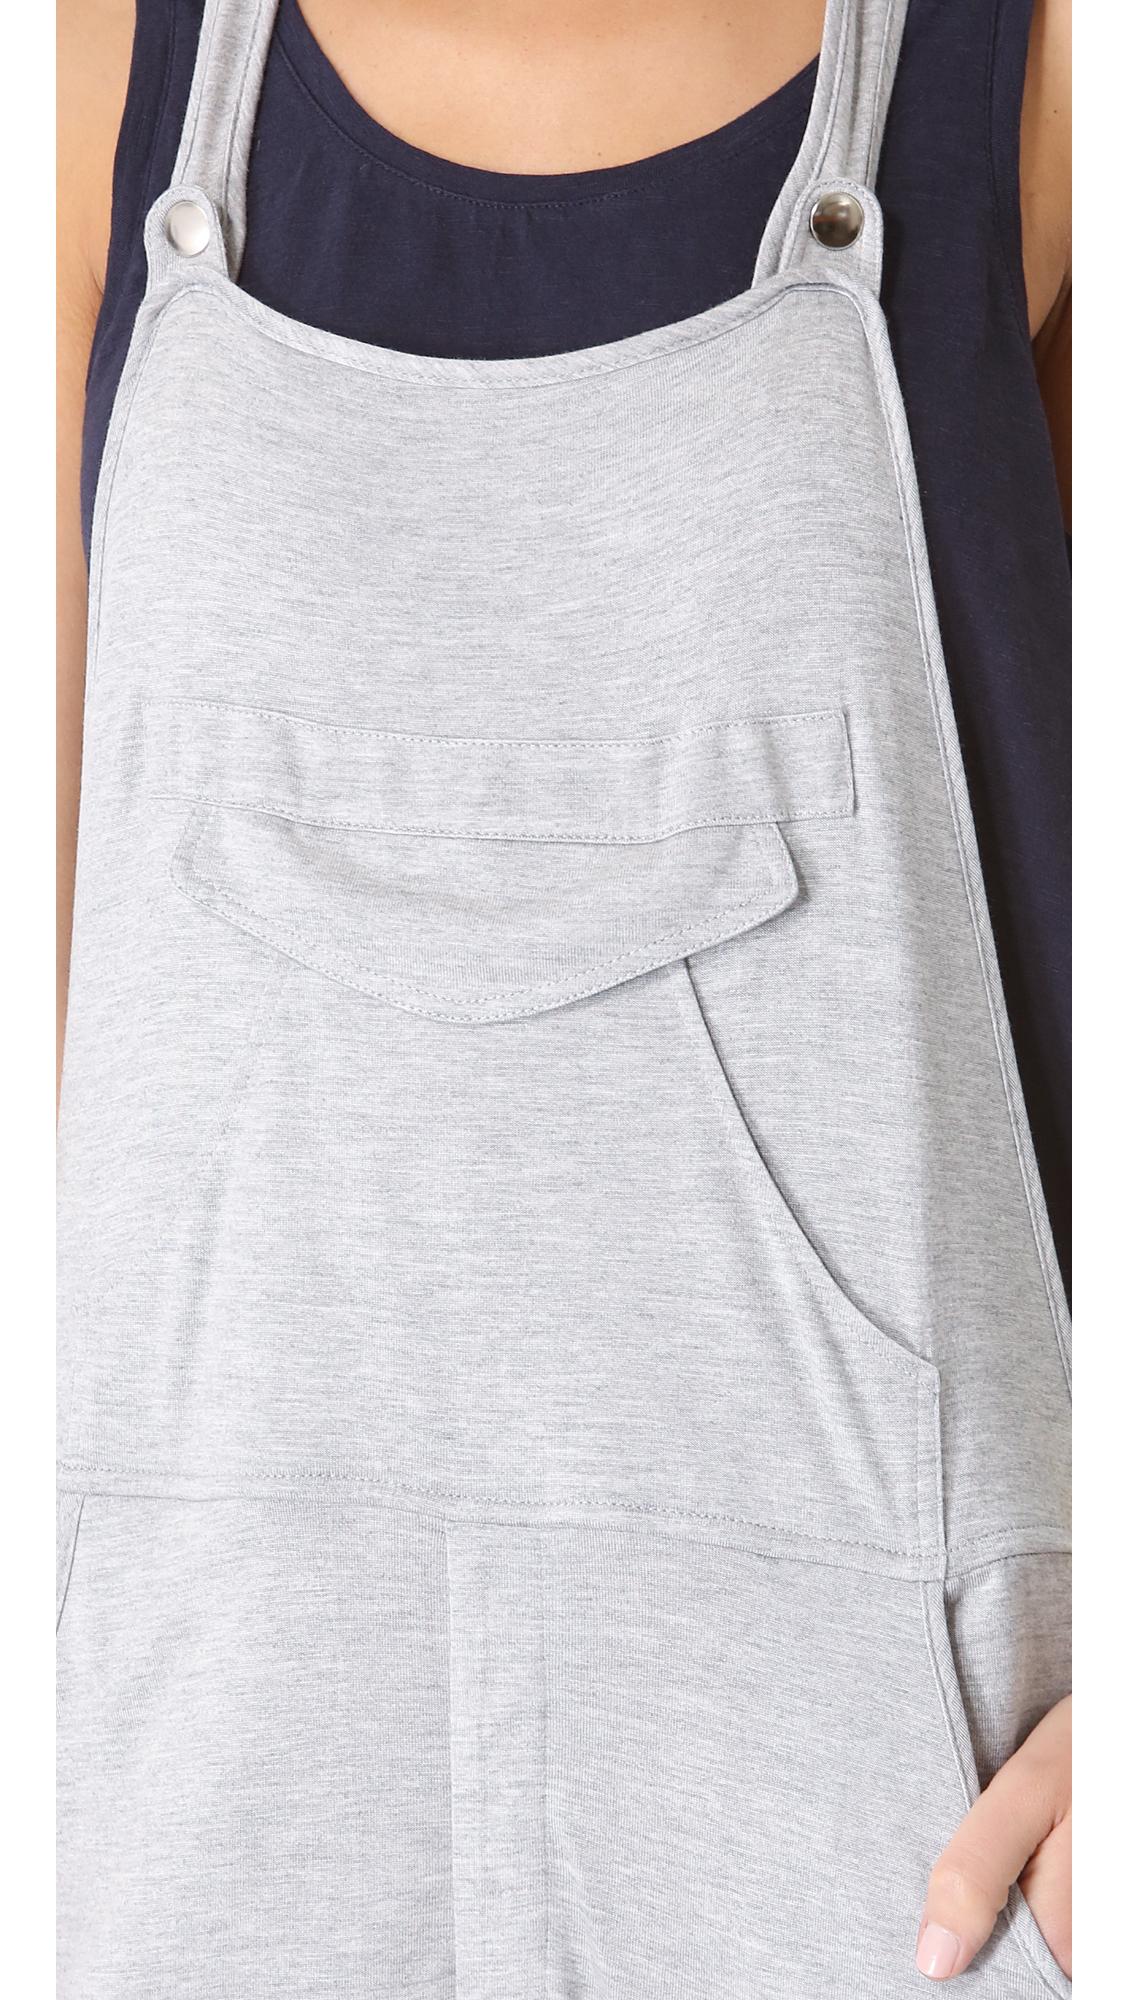 b061526eed2 Lyst - Haute Hippie Jersey Overalls in Gray